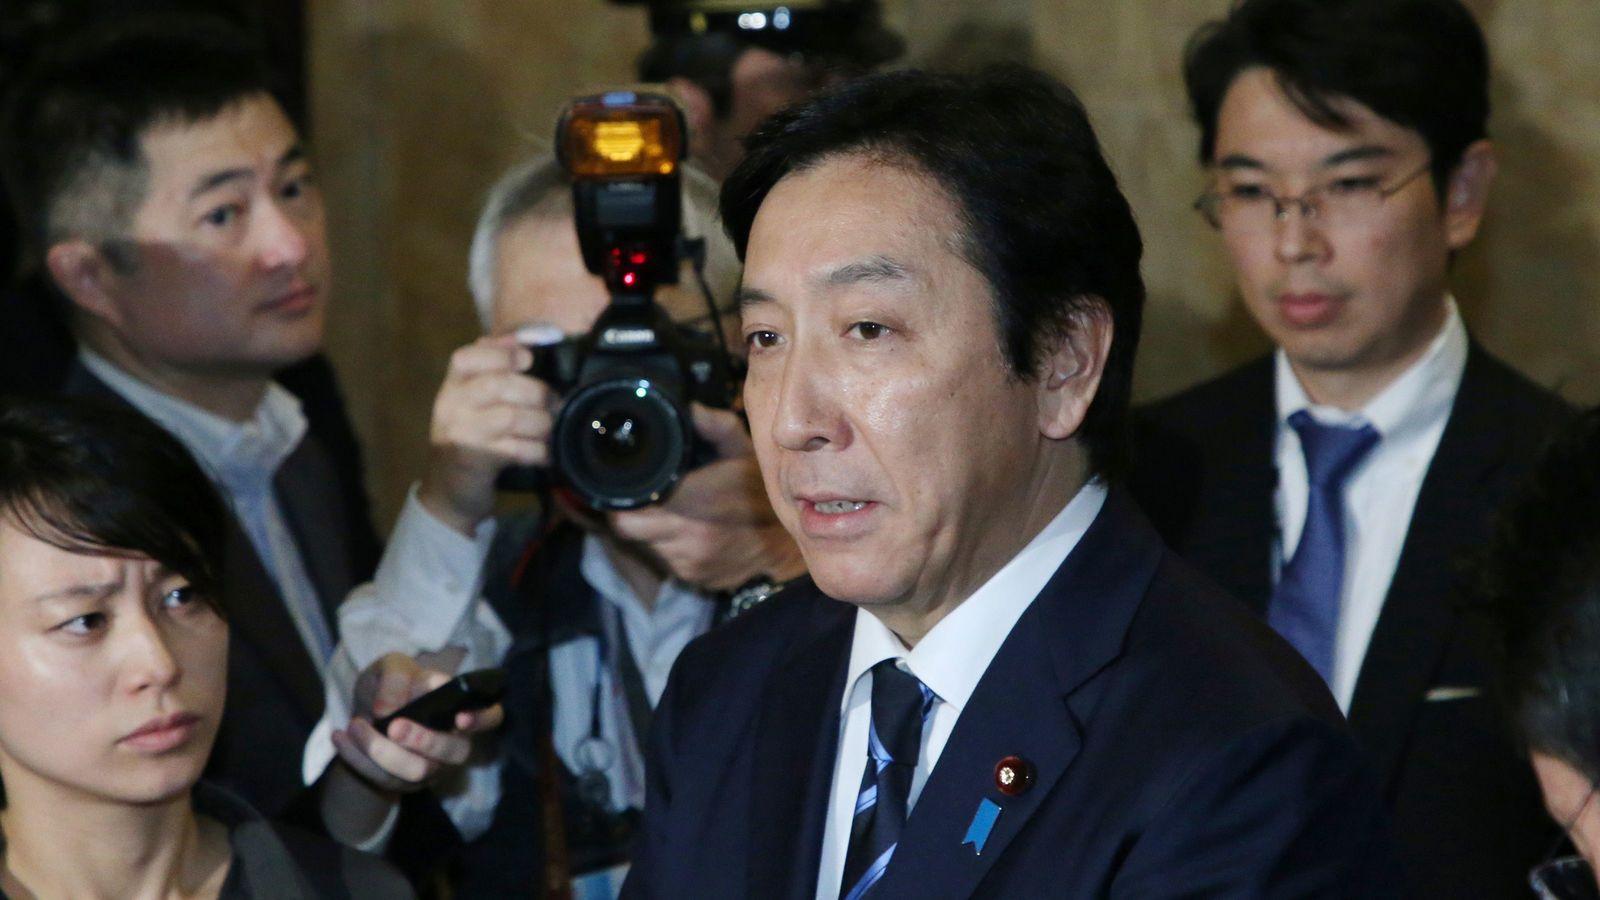 「次の経産相も菅派」で響く安倍内閣の不協和音 「人が変わった」という批判の声も